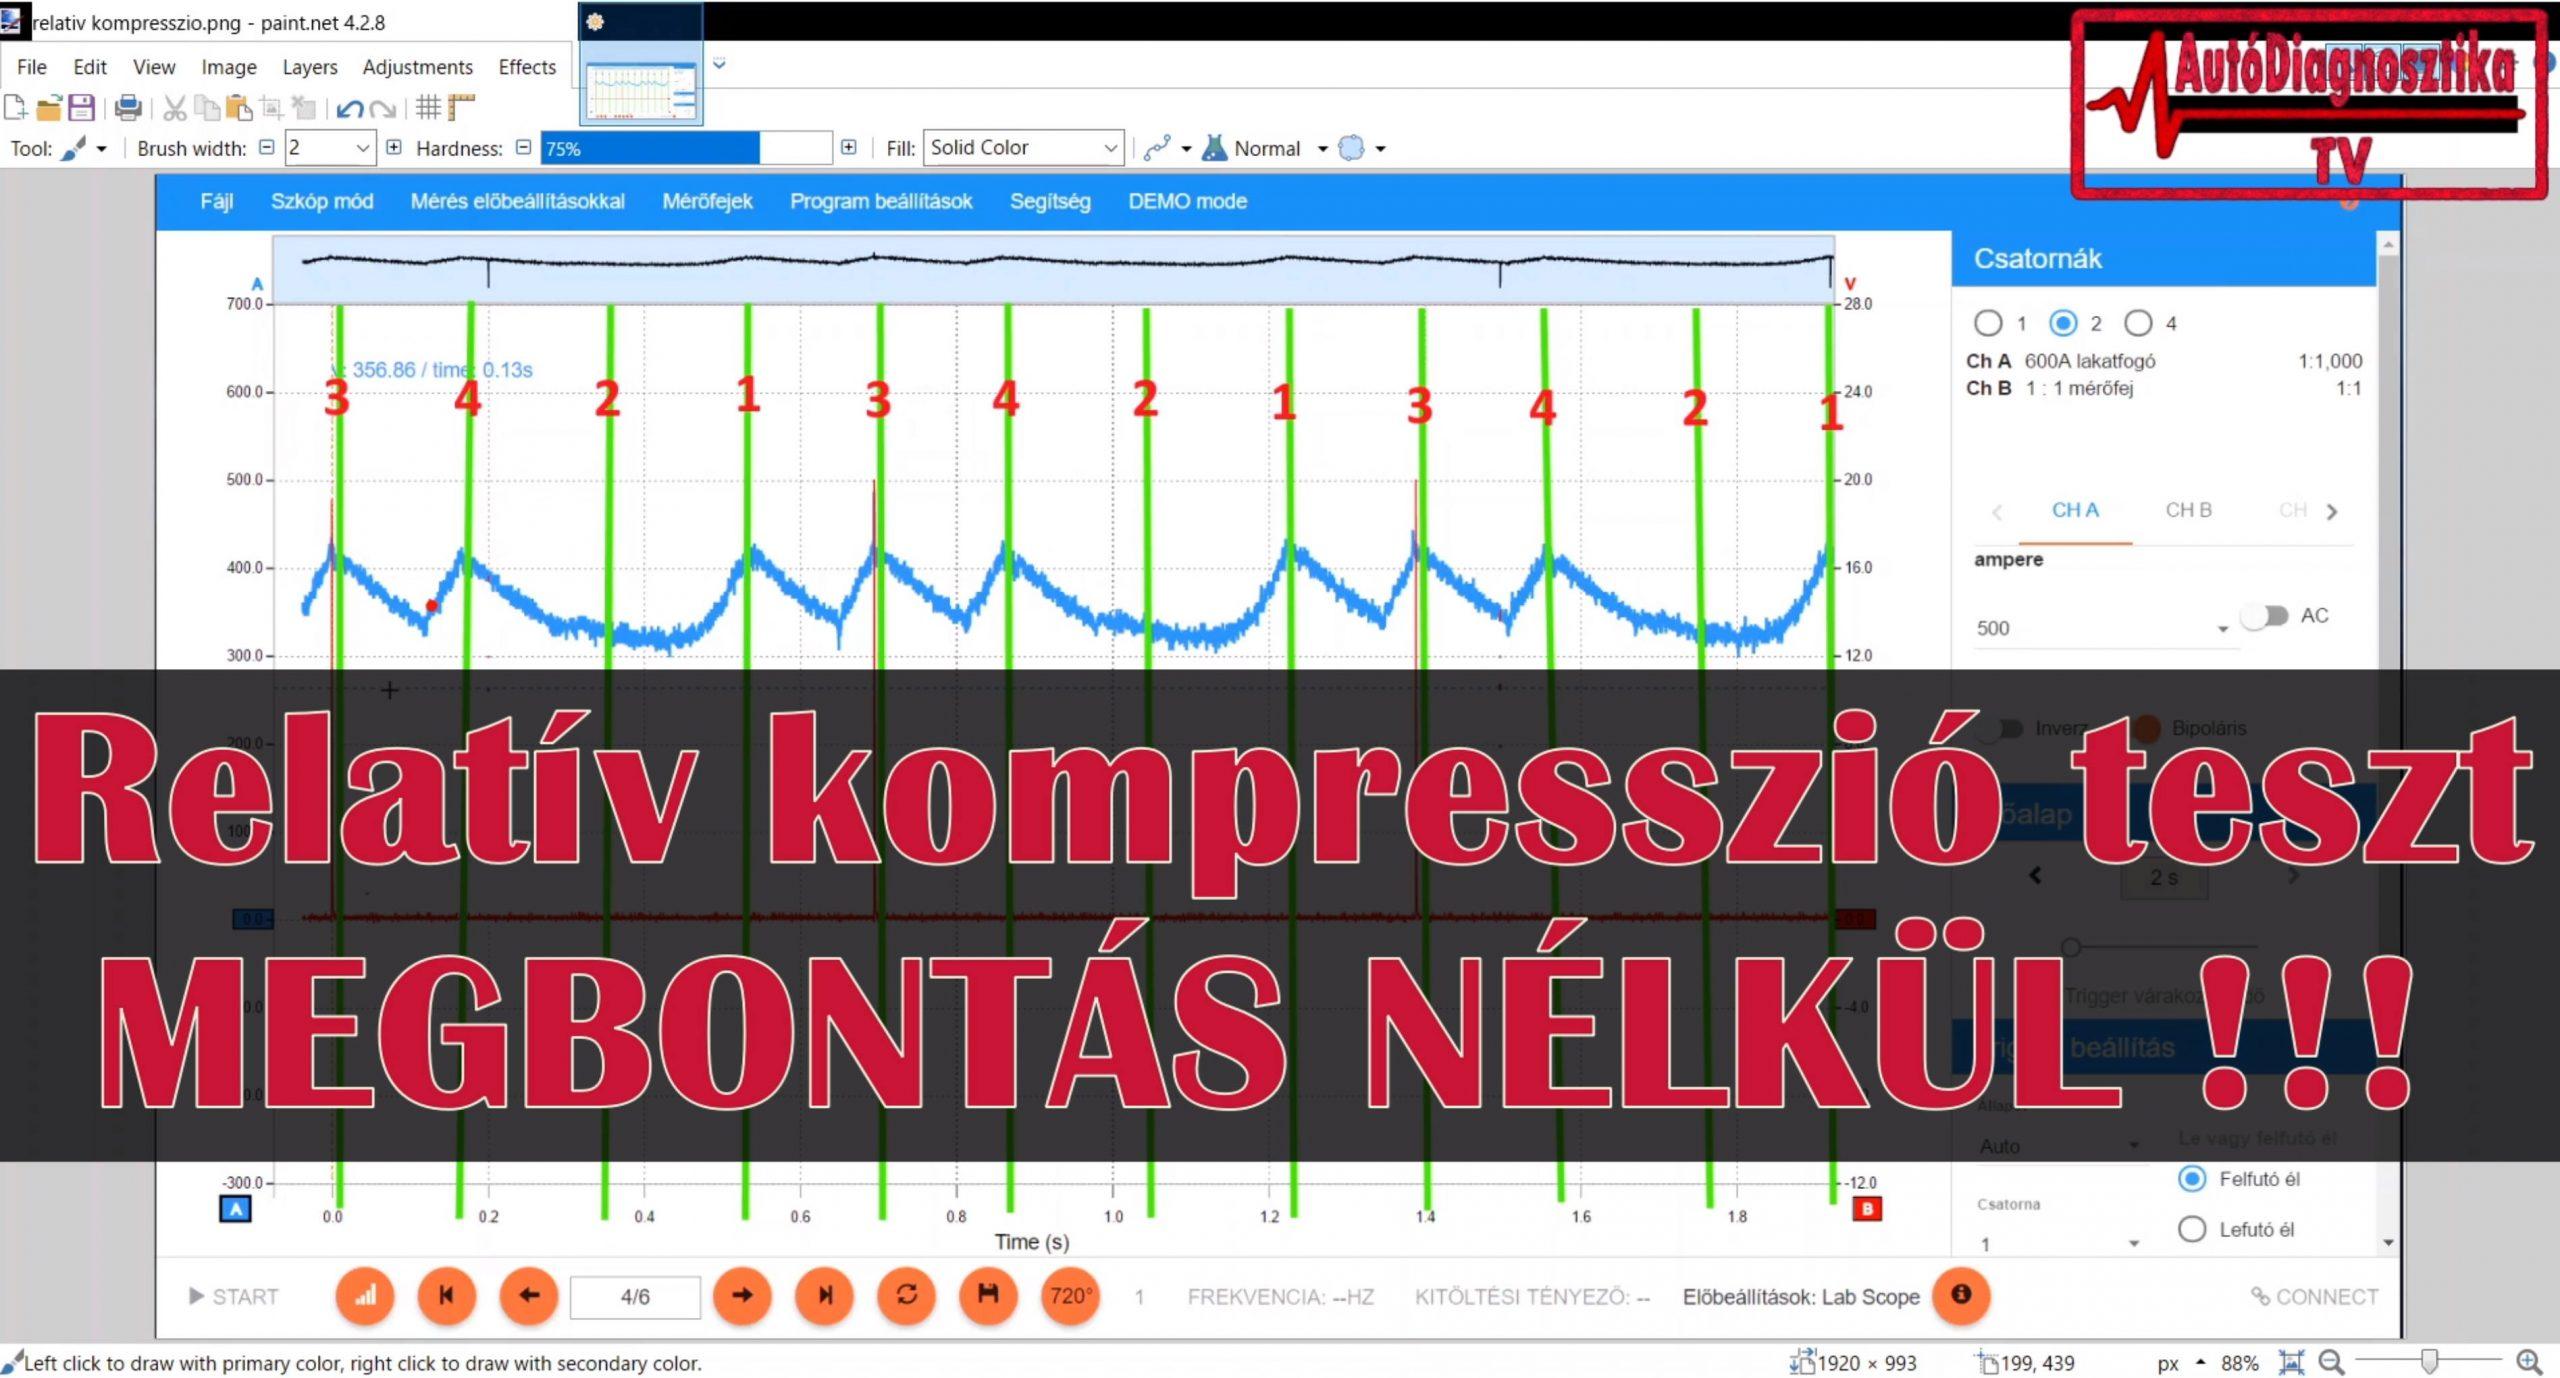 Relatív kompresszió mérés, Relativ kompresszió teszt